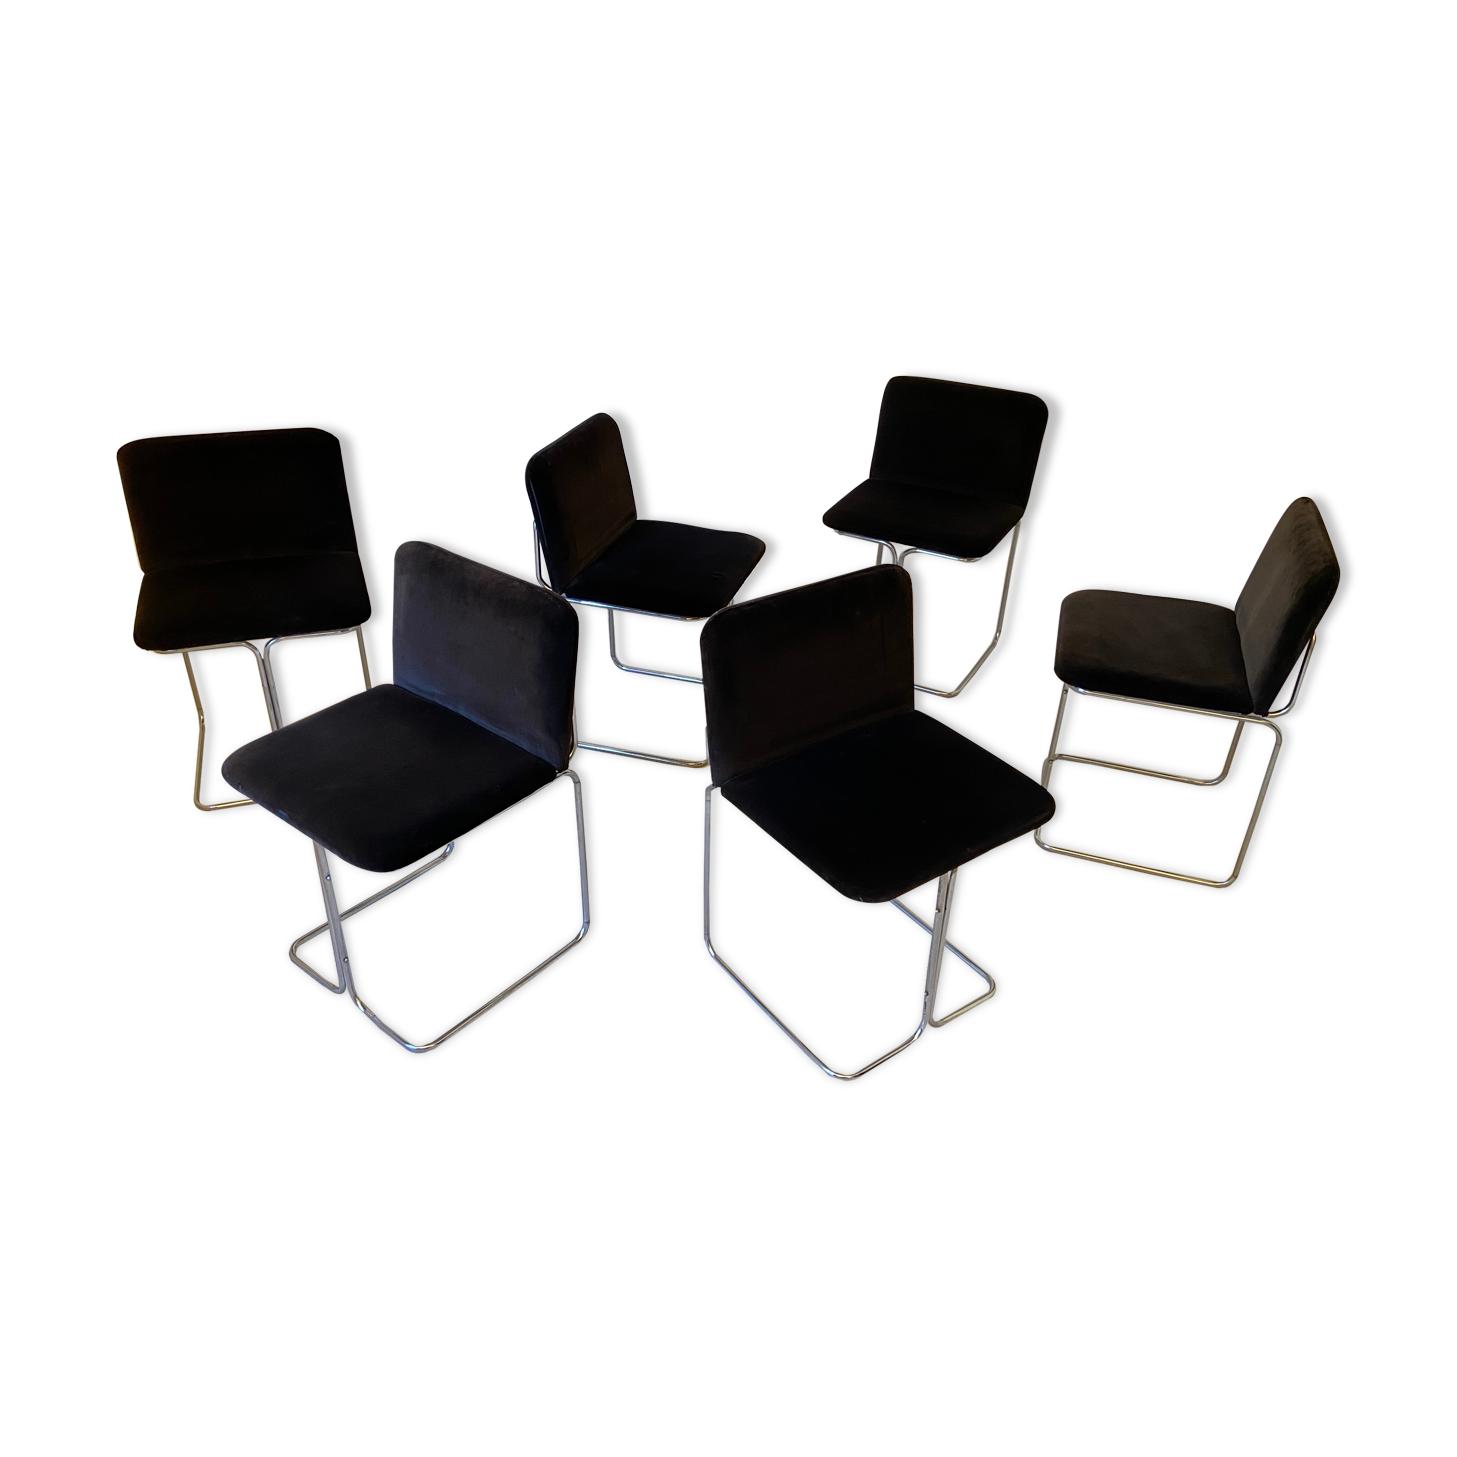 Lot de 6 chaises design Italien 1970